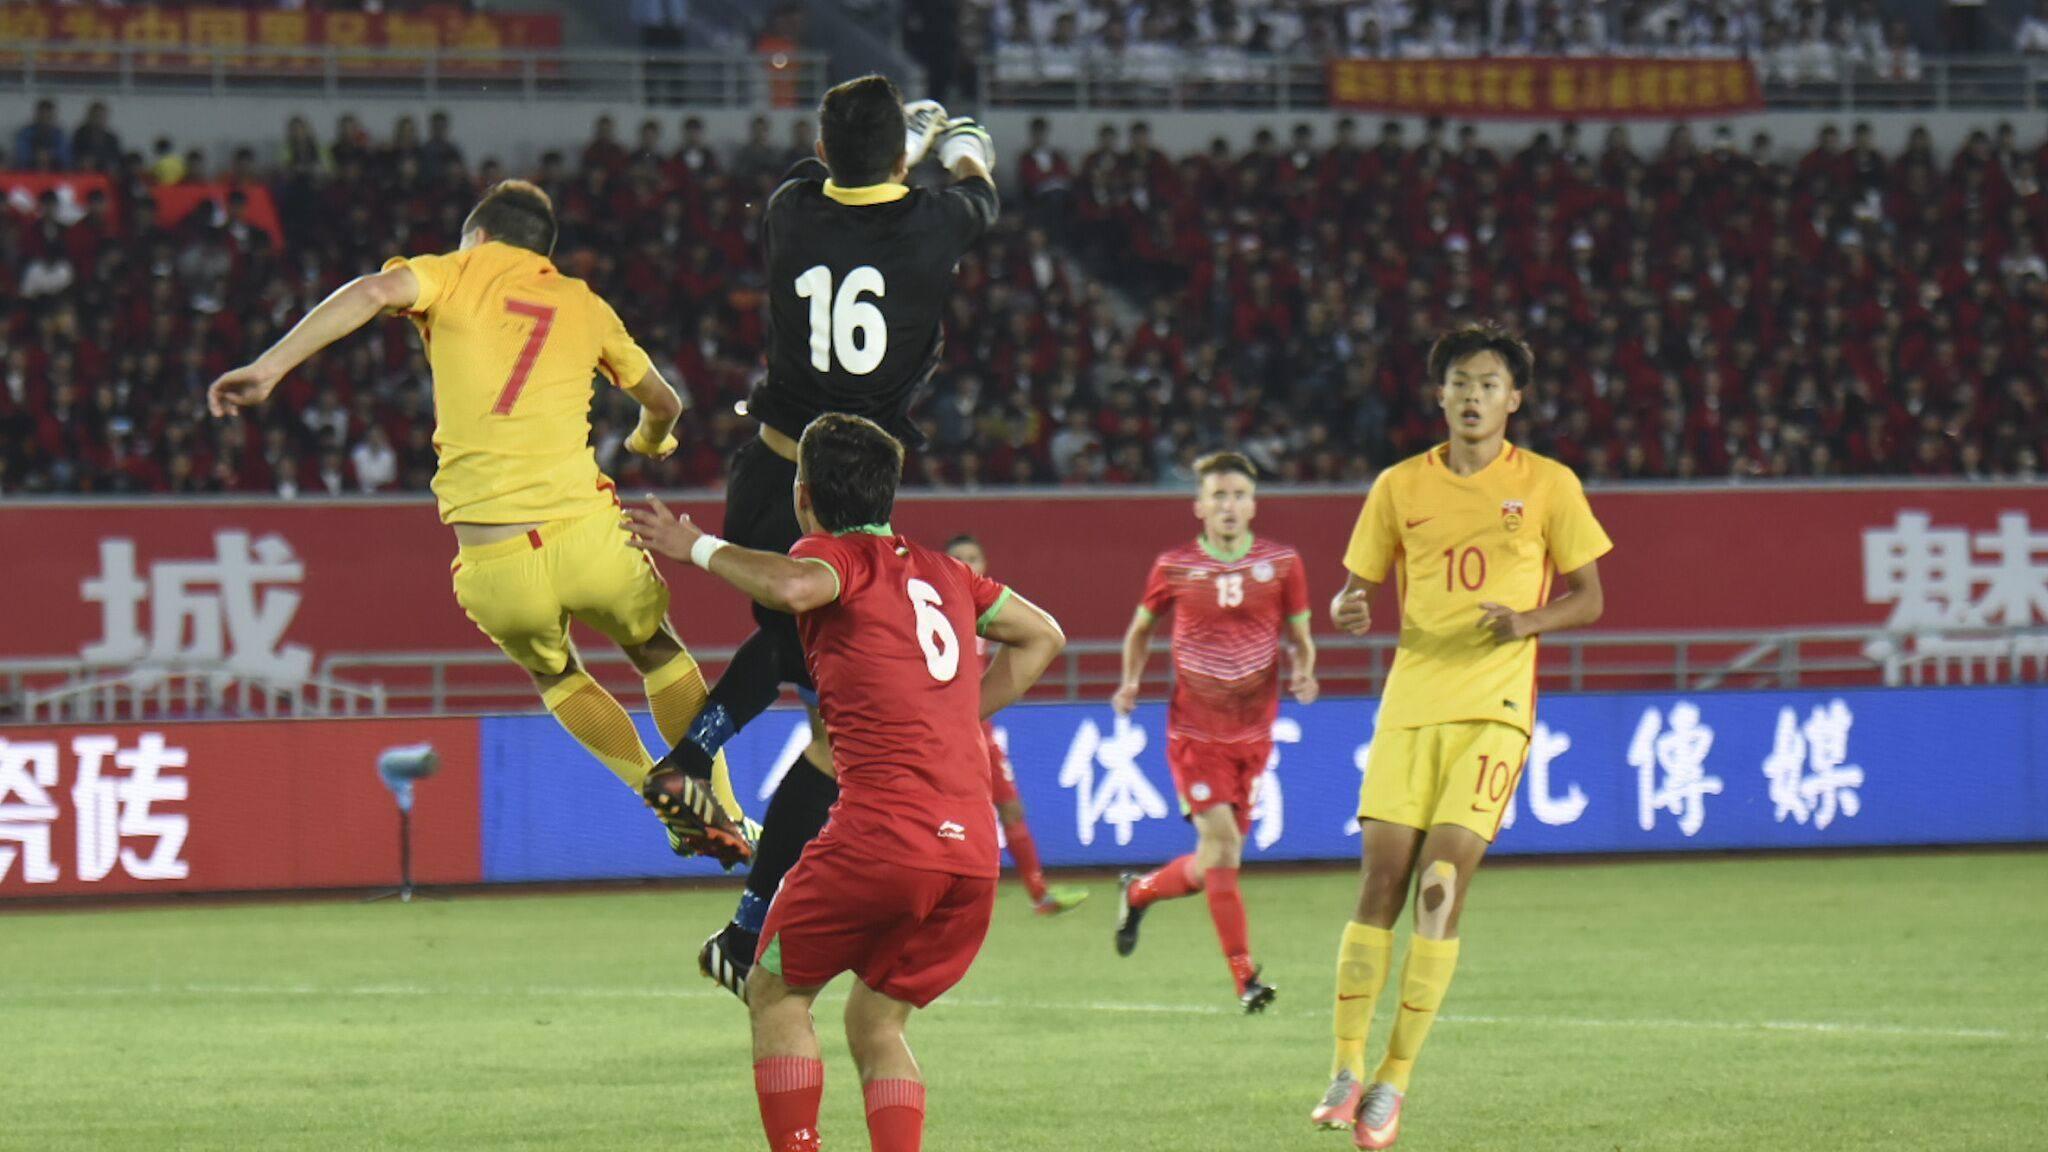 【集锦】塔吉克斯坦U19 0-1中国U19 郭田雨冷射破门制胜_国足